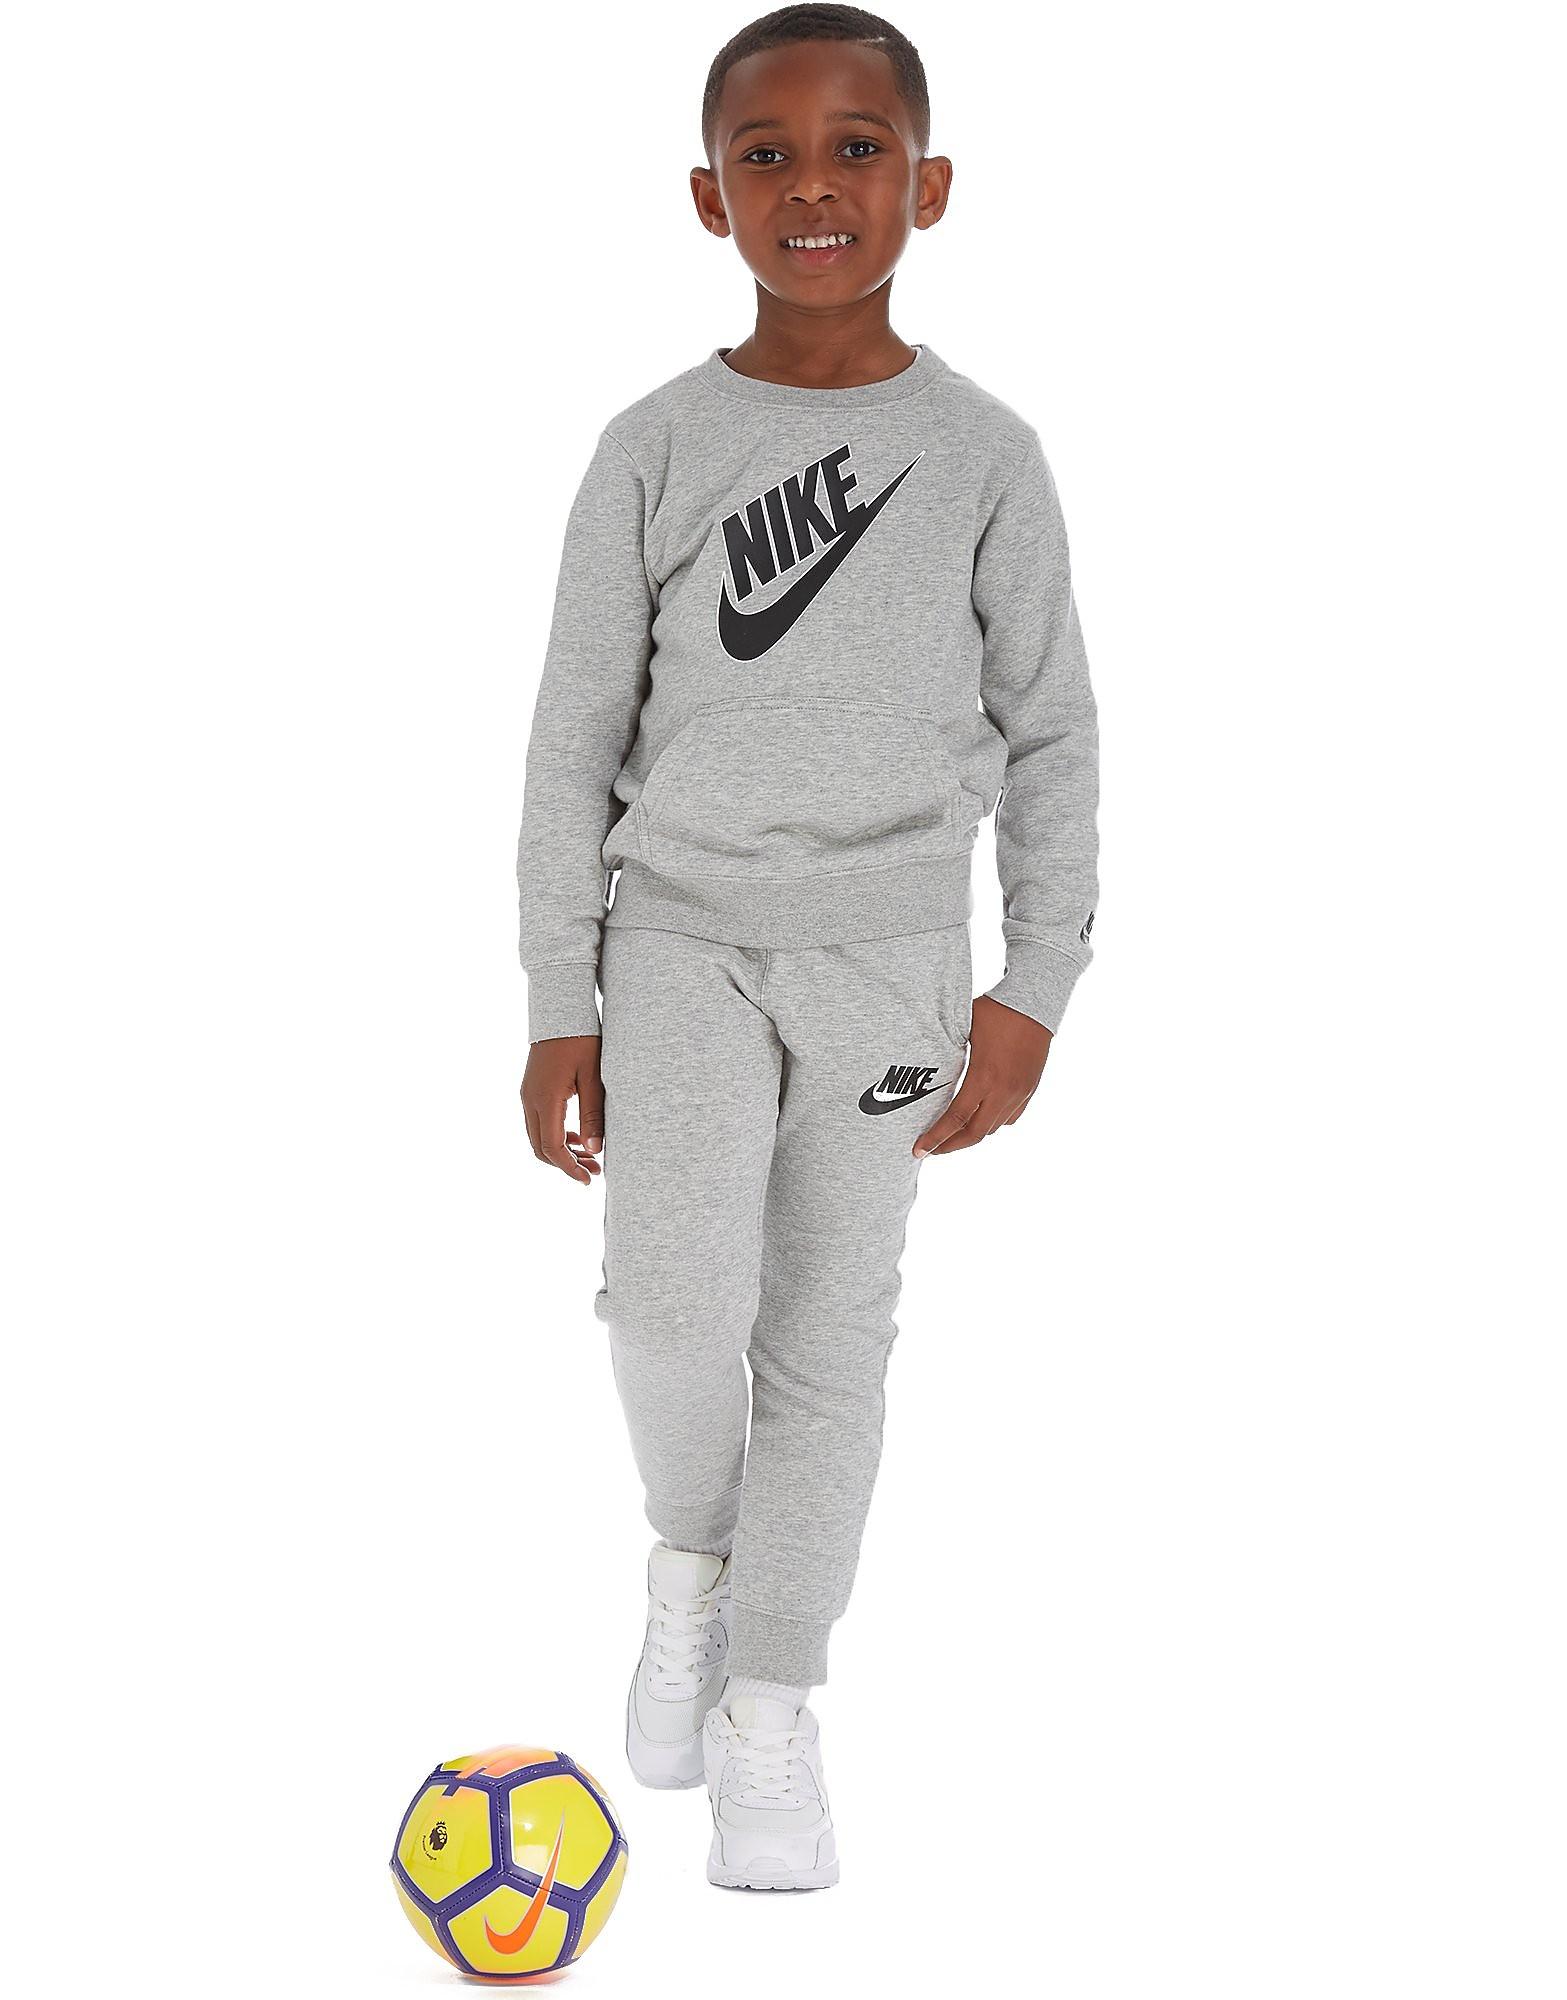 Nike Futura Rundhalsausschnitt Trainingsanzug